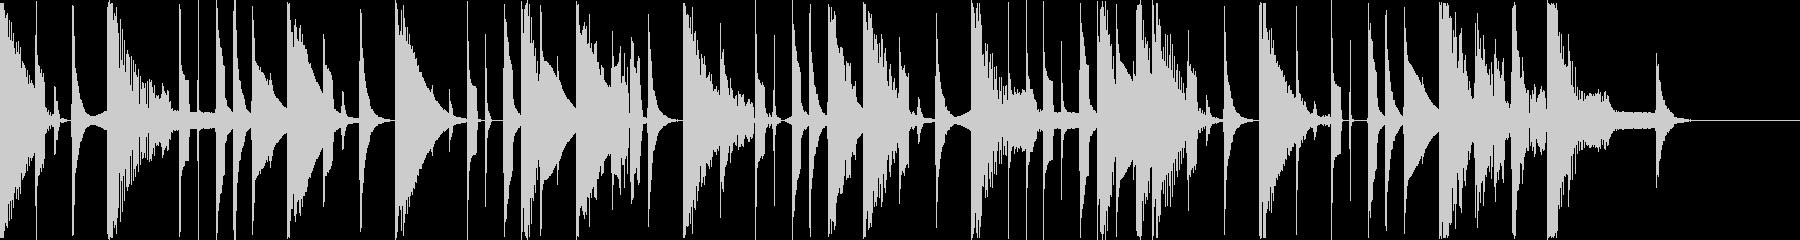 12秒 CM コミカル ピコピコの未再生の波形